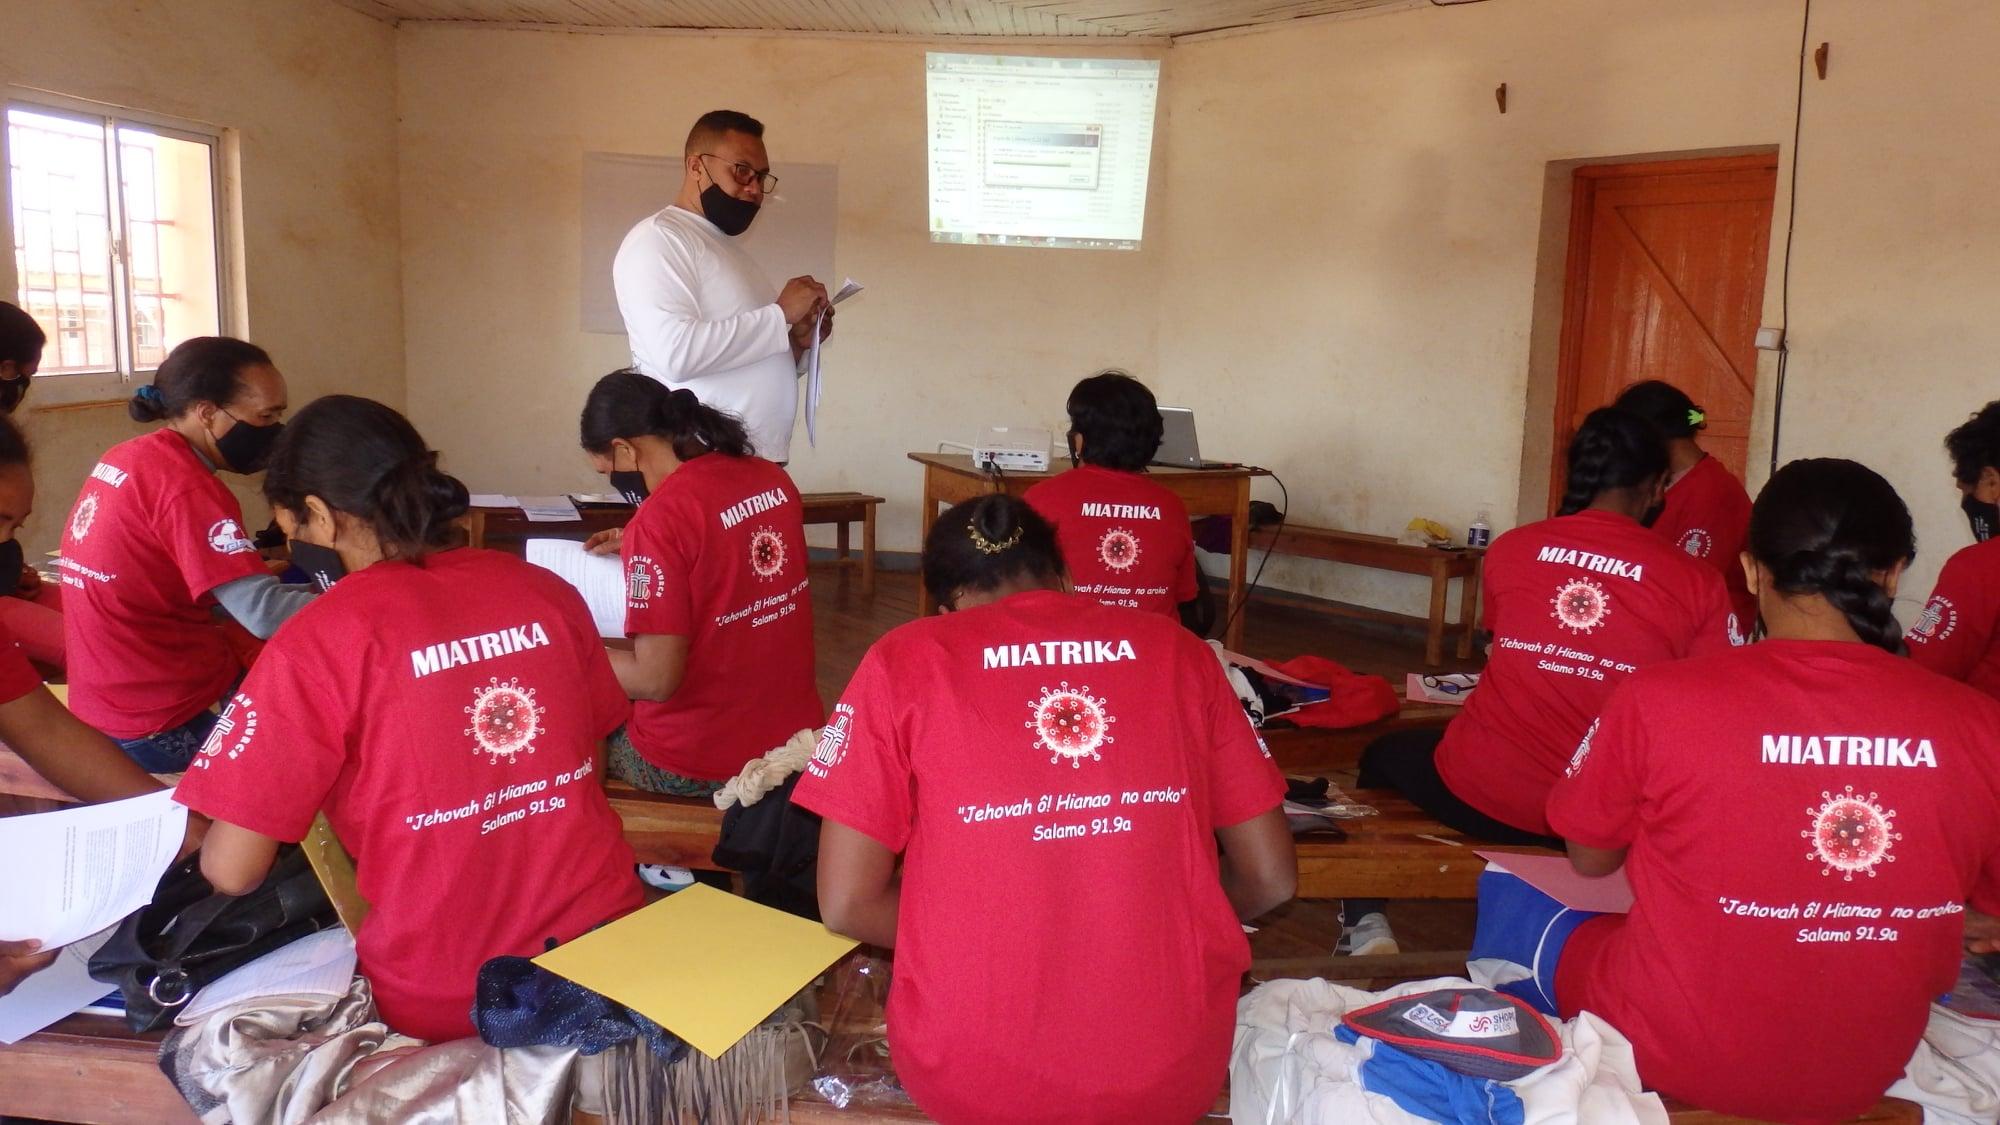 MIATRIKA Action d'Urgence Sociale face au COVID-19